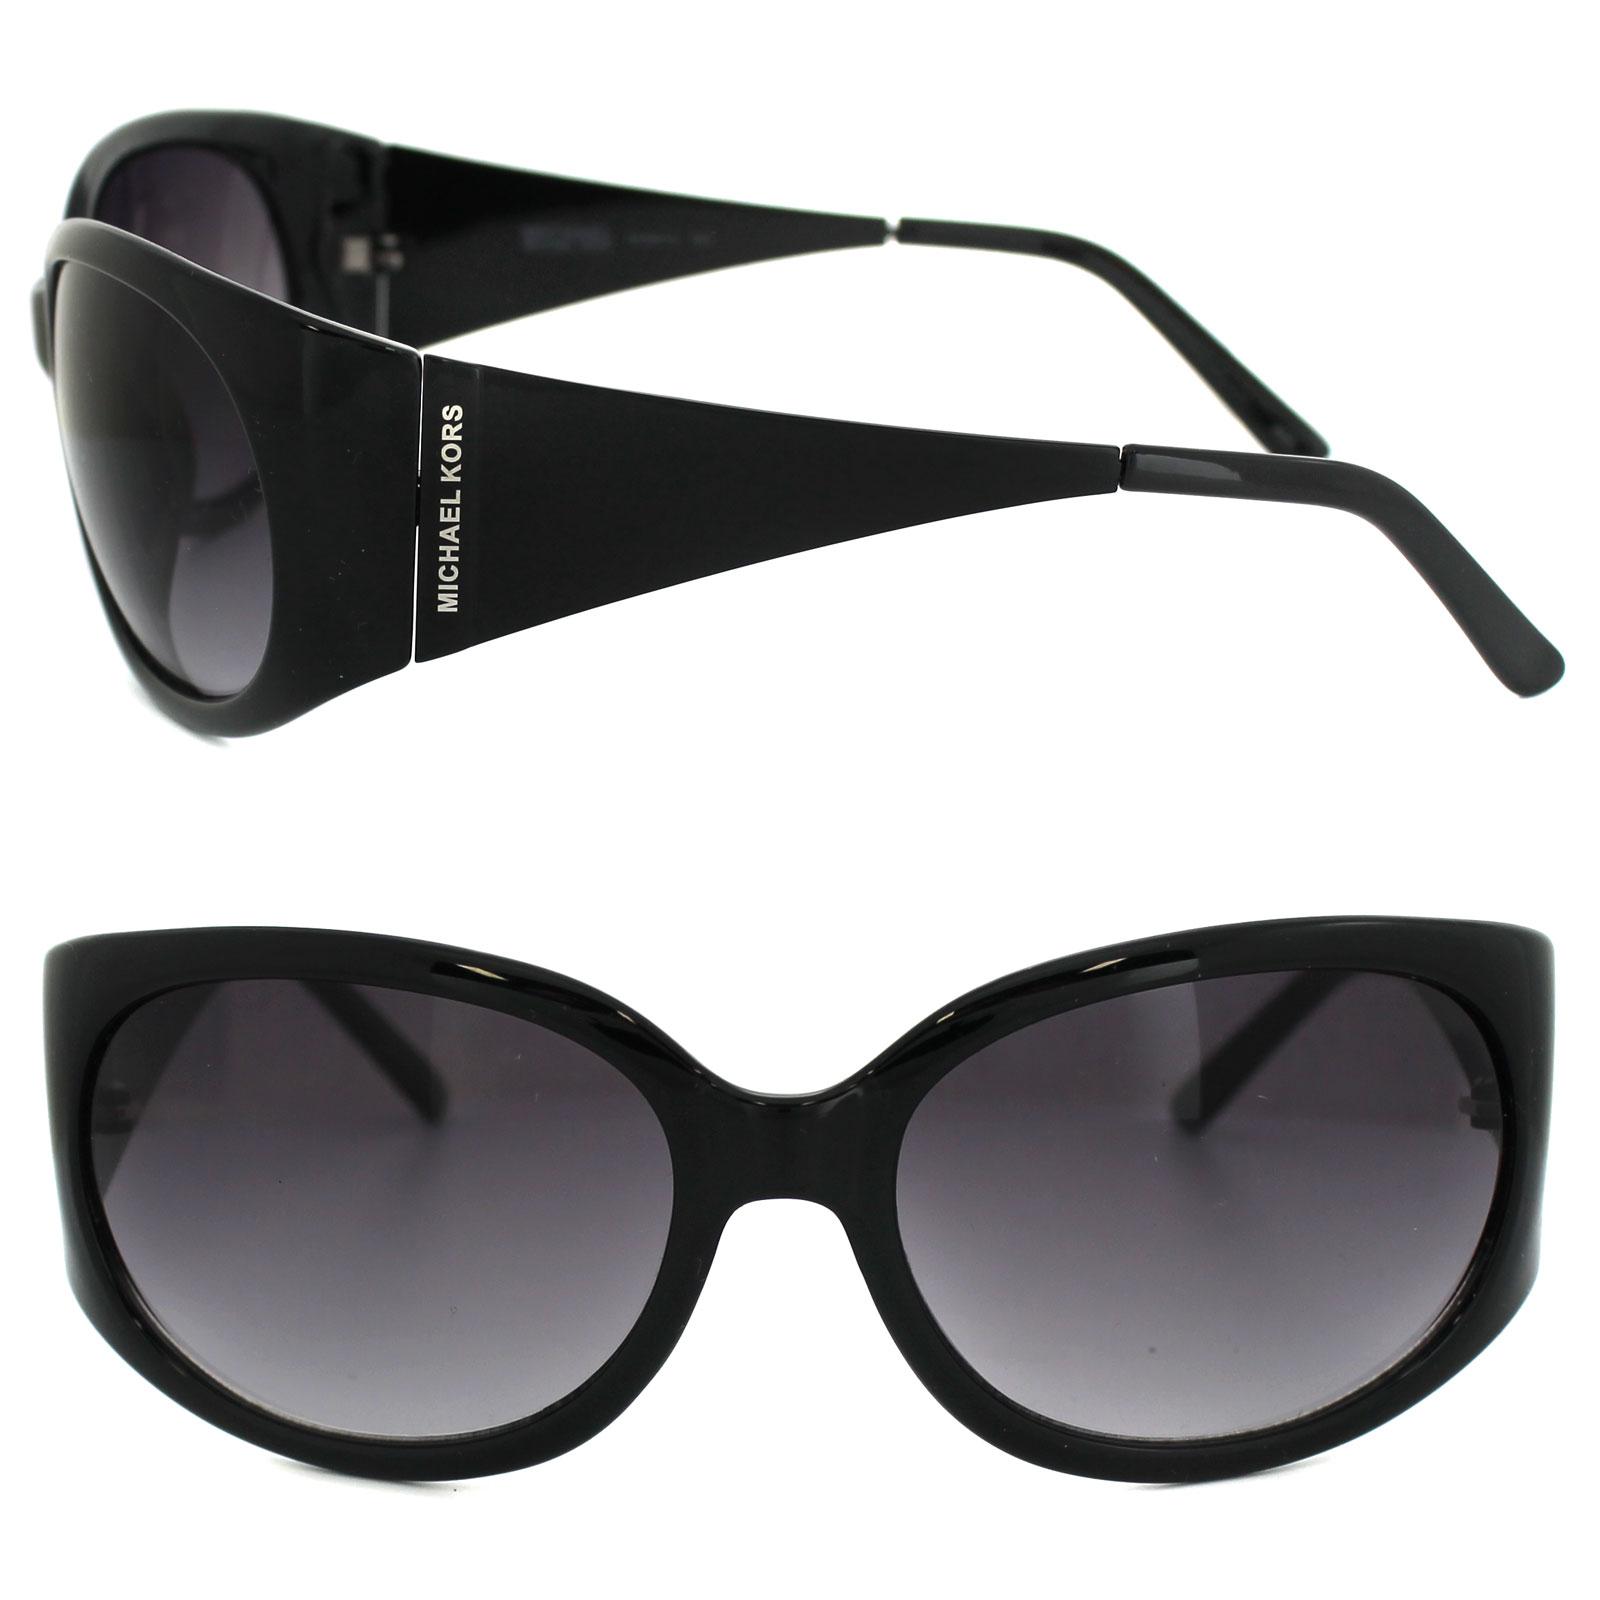 michael kors sonnenbrillen m3401s 001 schwarz grau verlauf ebay. Black Bedroom Furniture Sets. Home Design Ideas